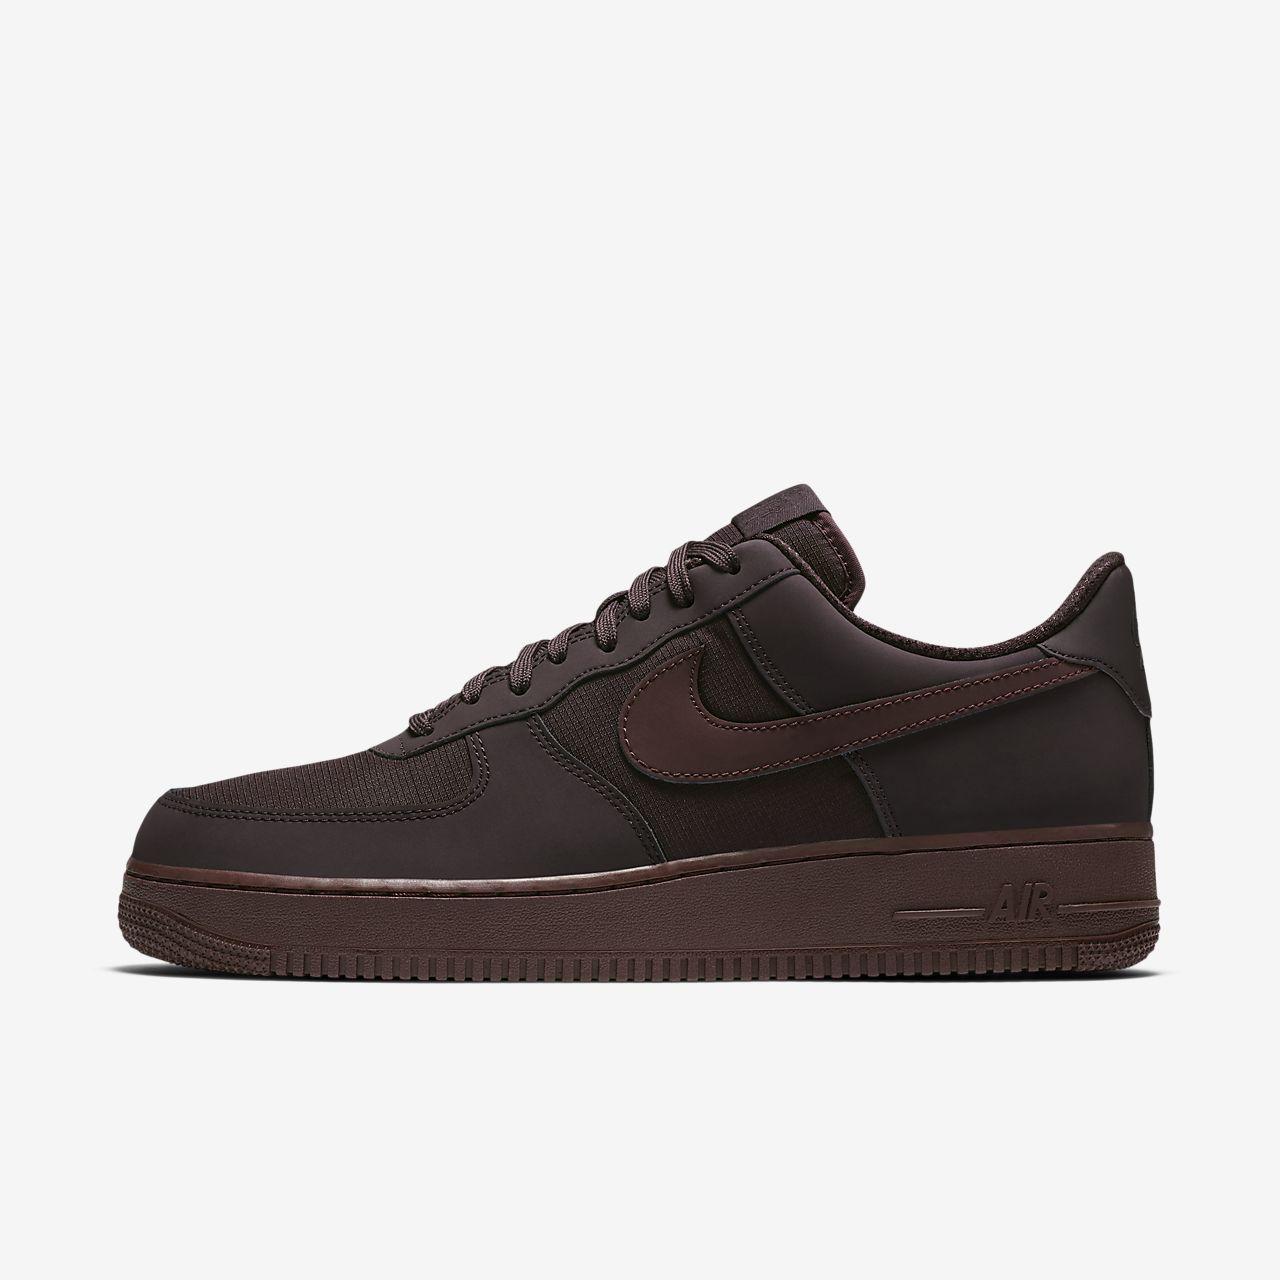 03c8ecaf853 Nike Air Force 1  07 Men s Shoe. Nike.com CA